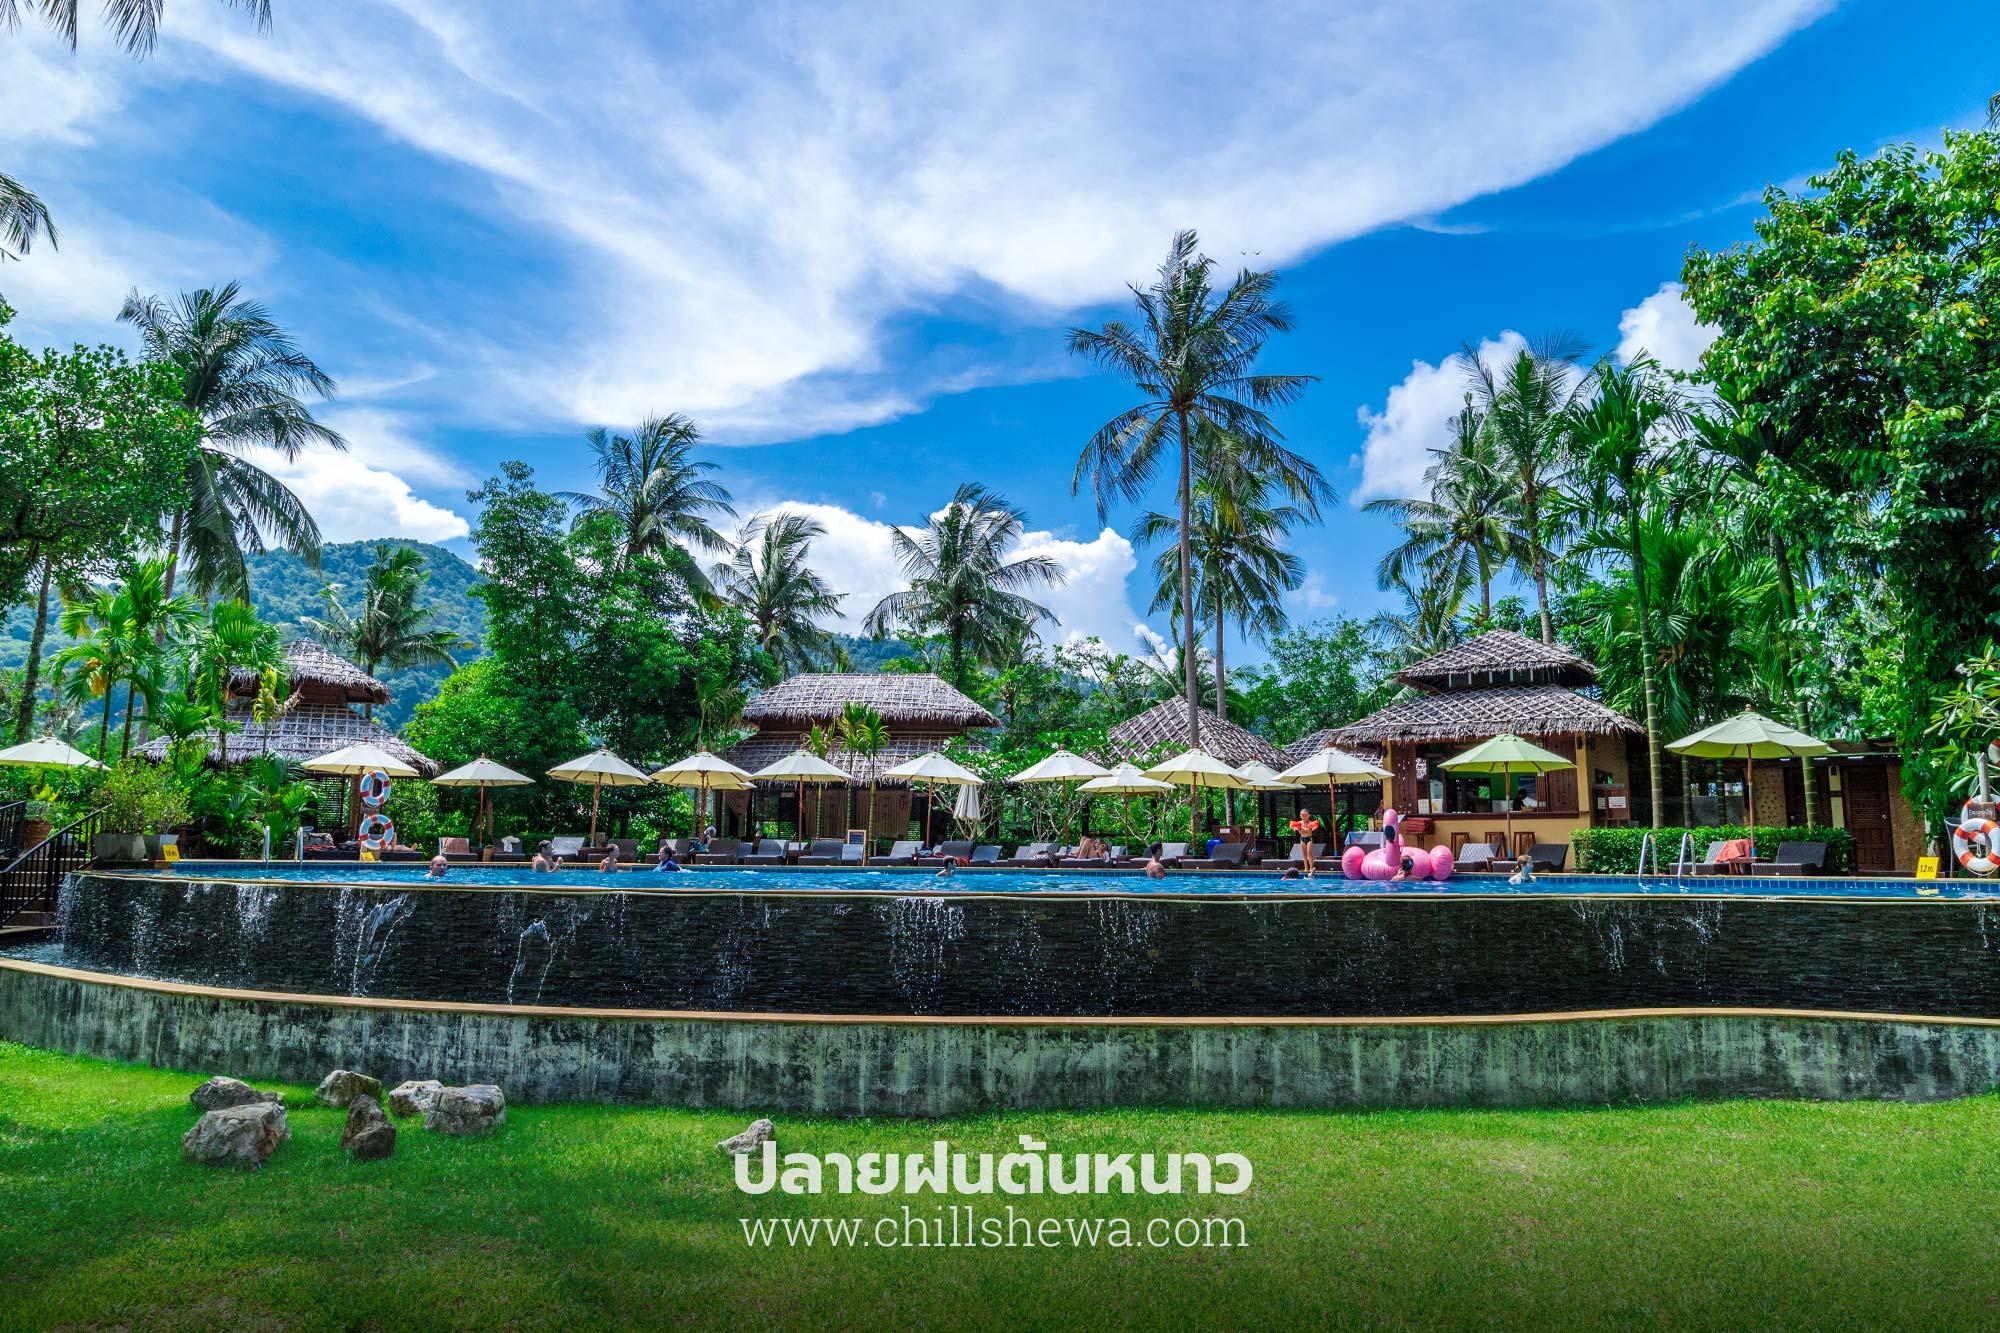 บ้านใสใน รีสอร์ท BAN SAINAI RESORT  บ้านใสใน รีสอร์ท Ban Sainai Resort อ่าวนาง กระบี่                                                BAAN SAINAI RESORT 07